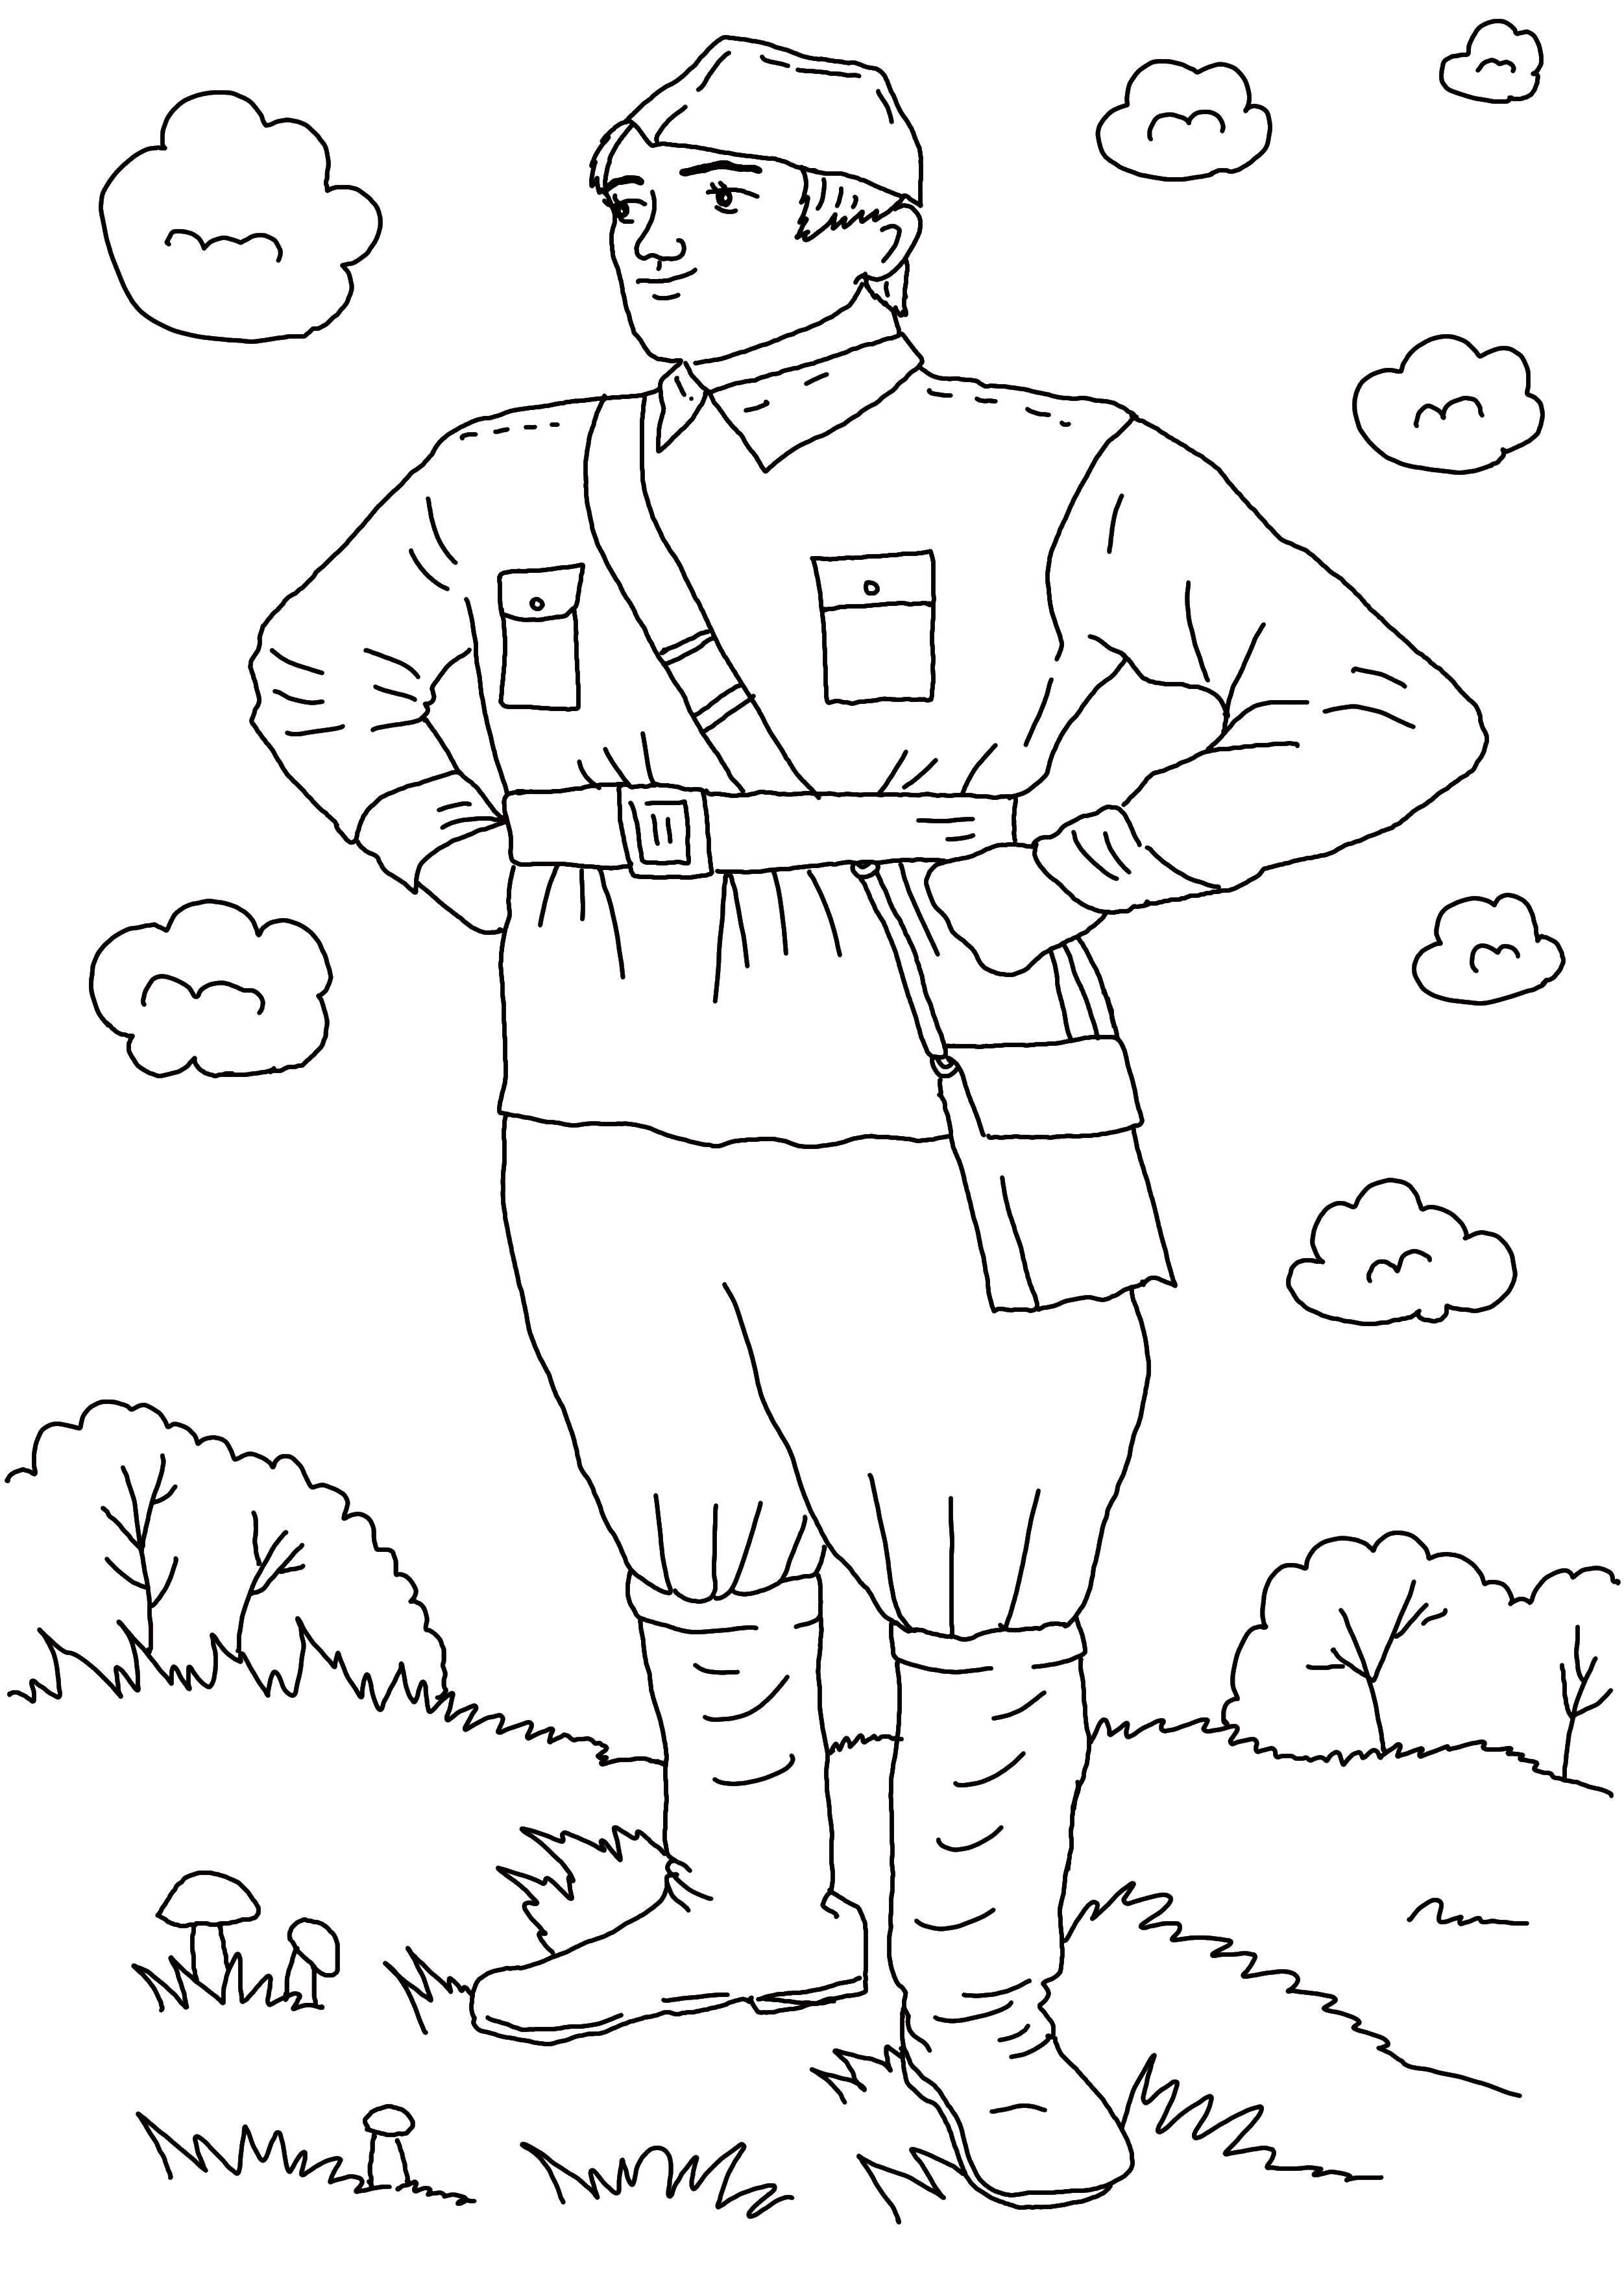 Распечатать раскраску для мальчиков солдат